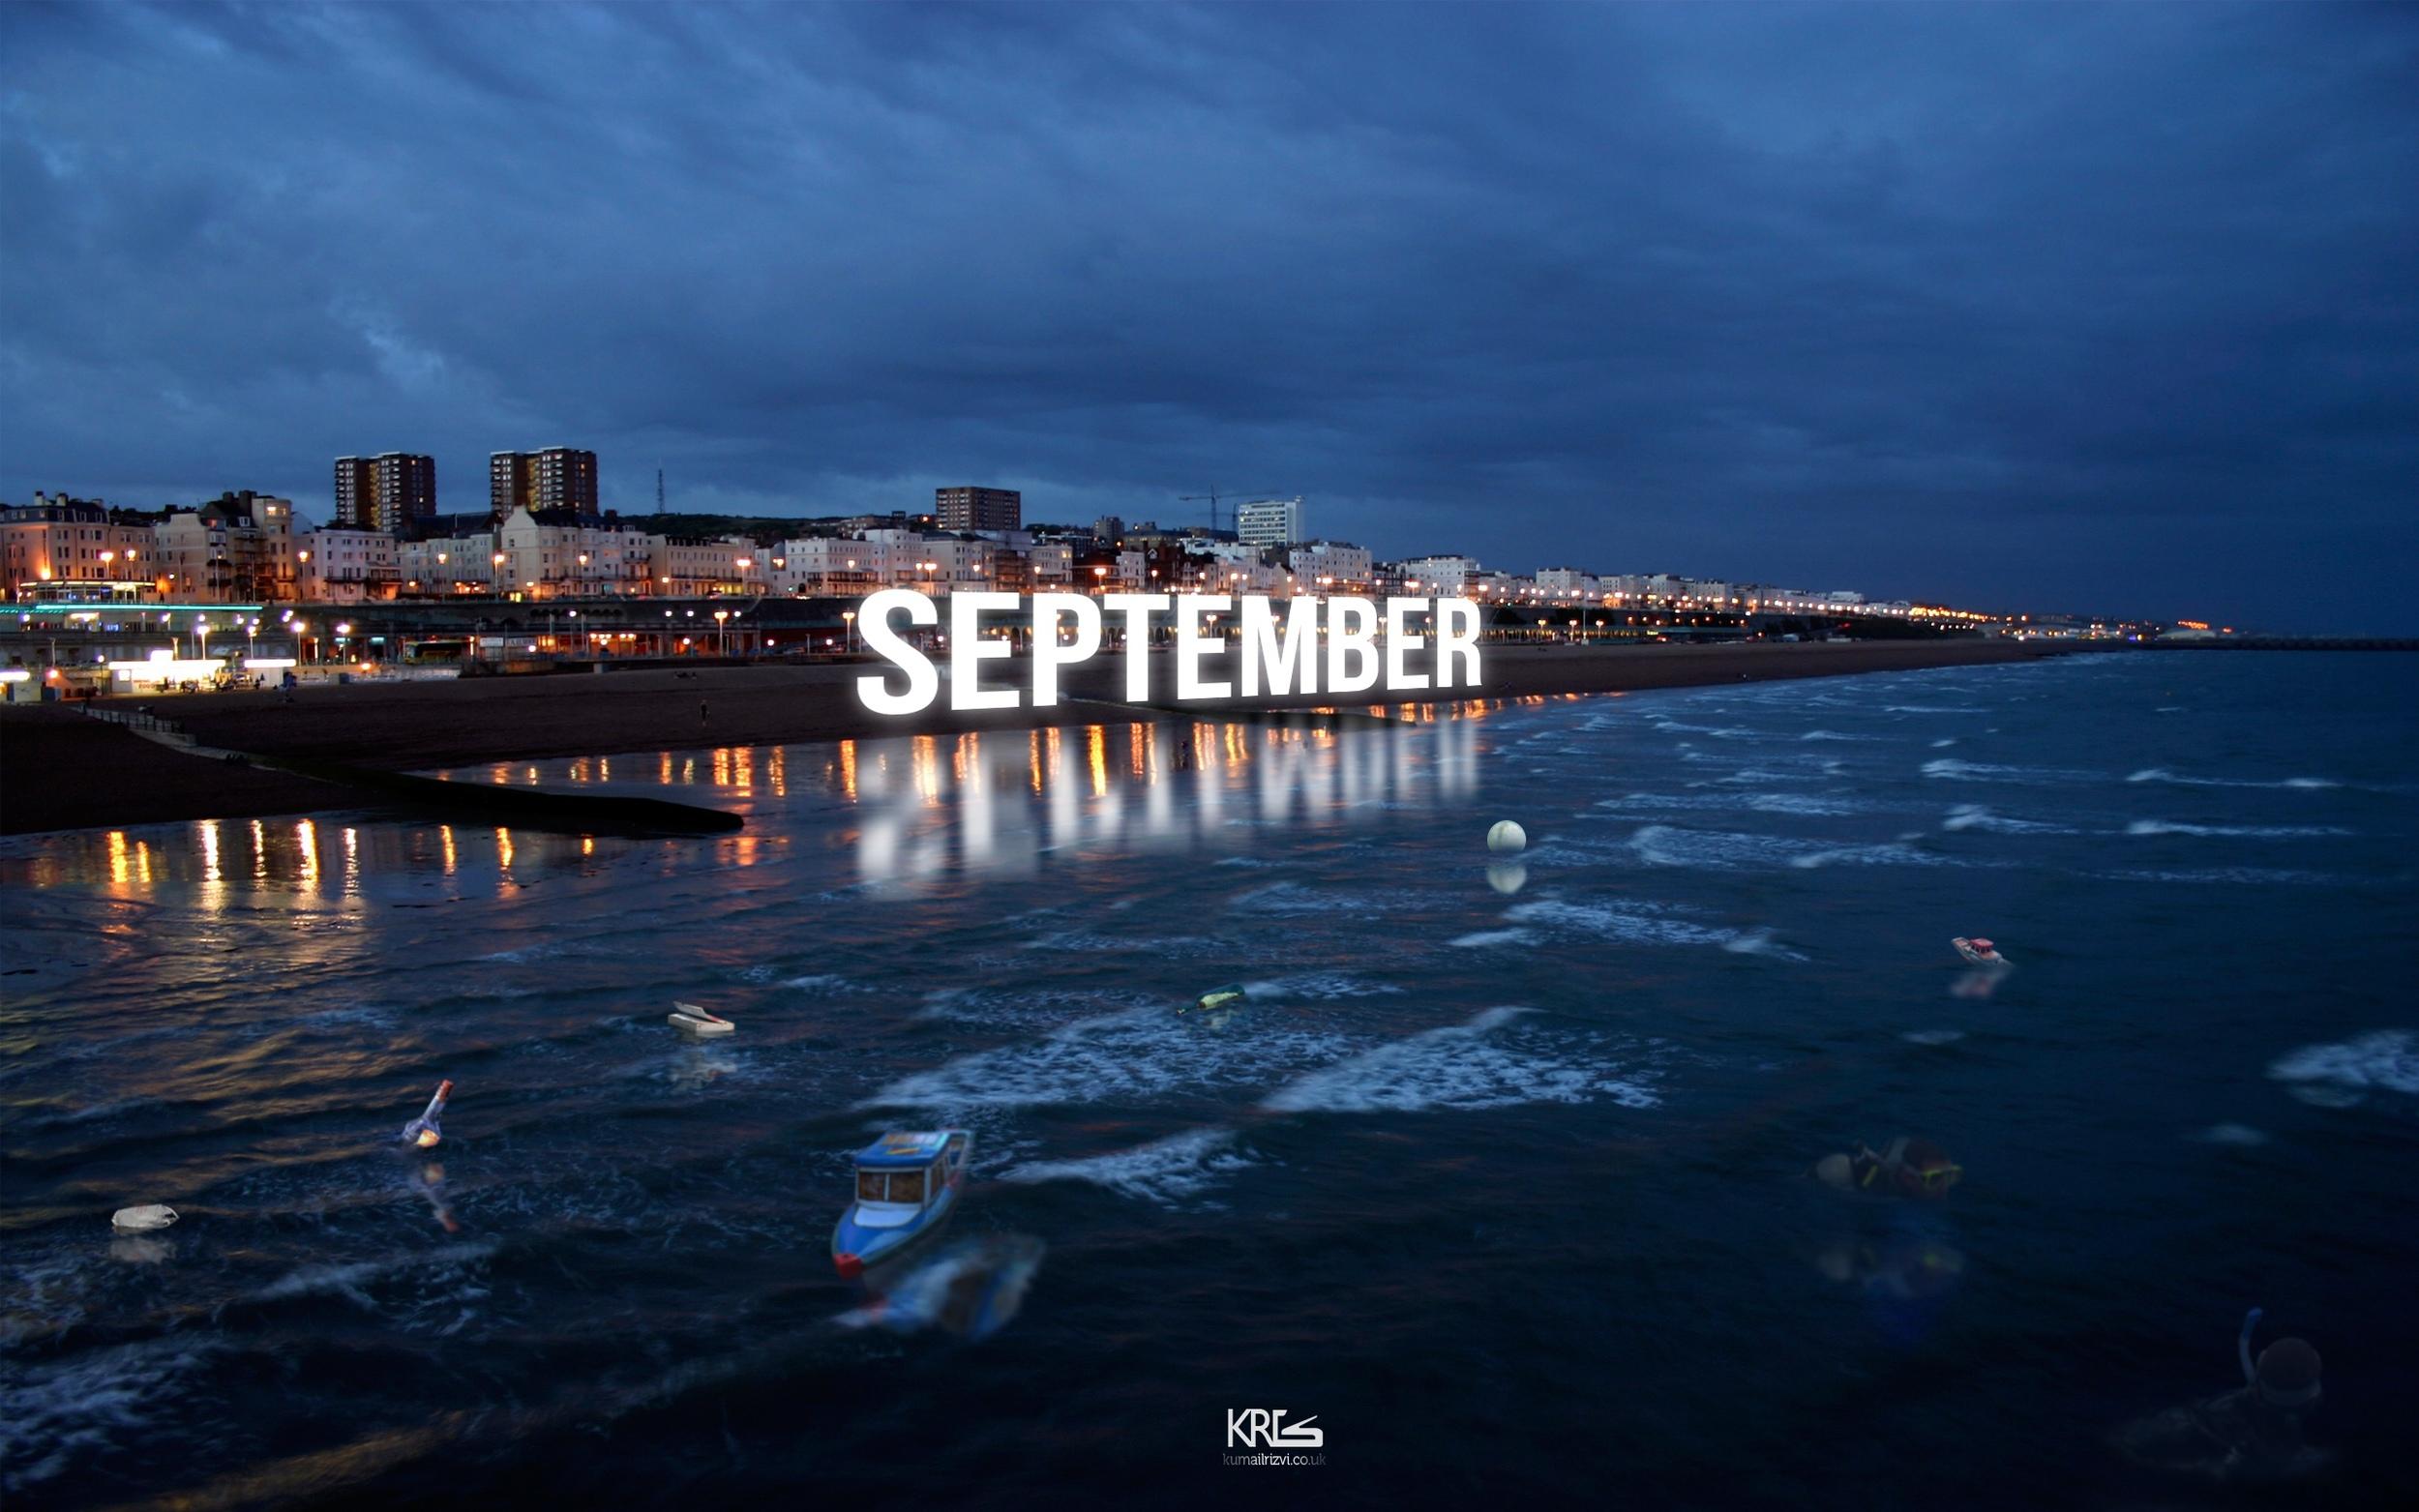 September Final.jpeg